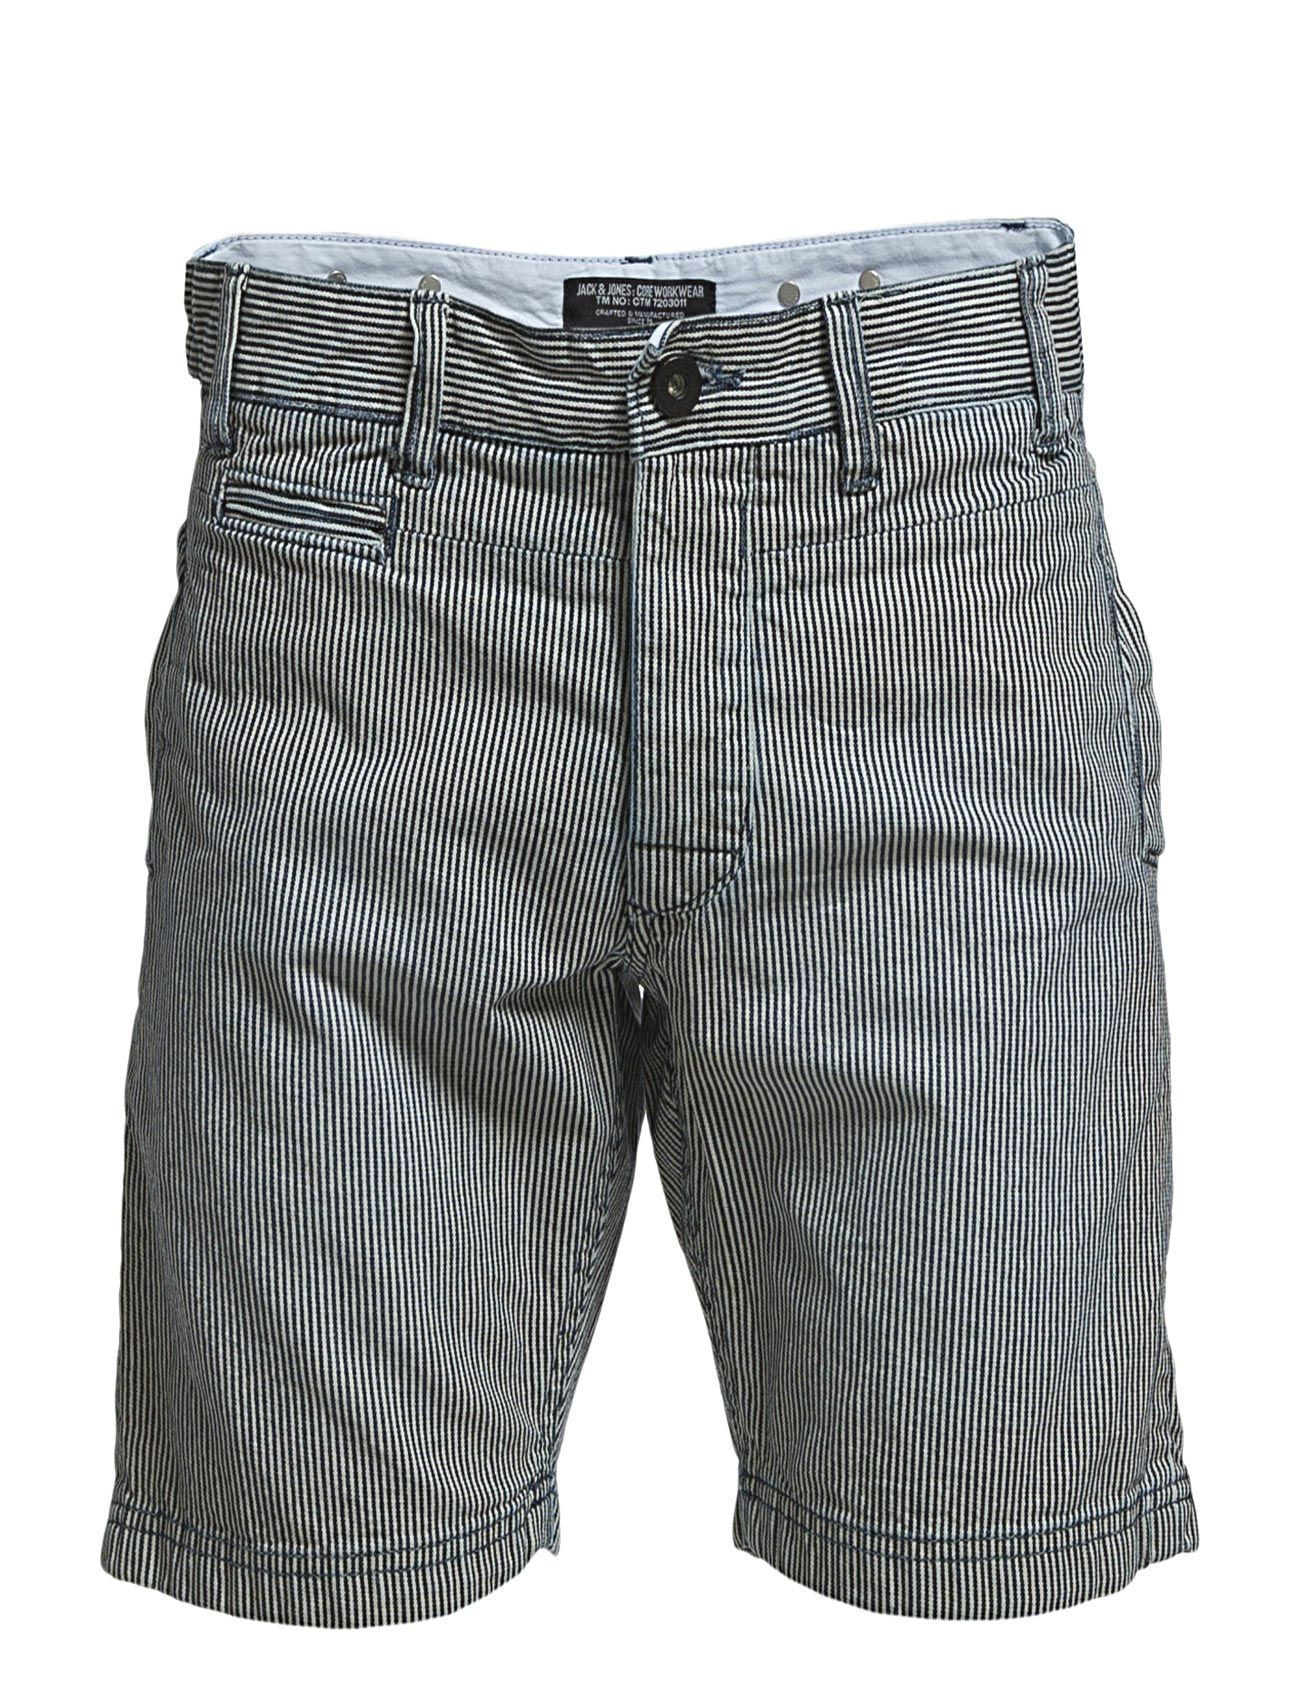 Bailey Shorts At 408 4-5-6 13